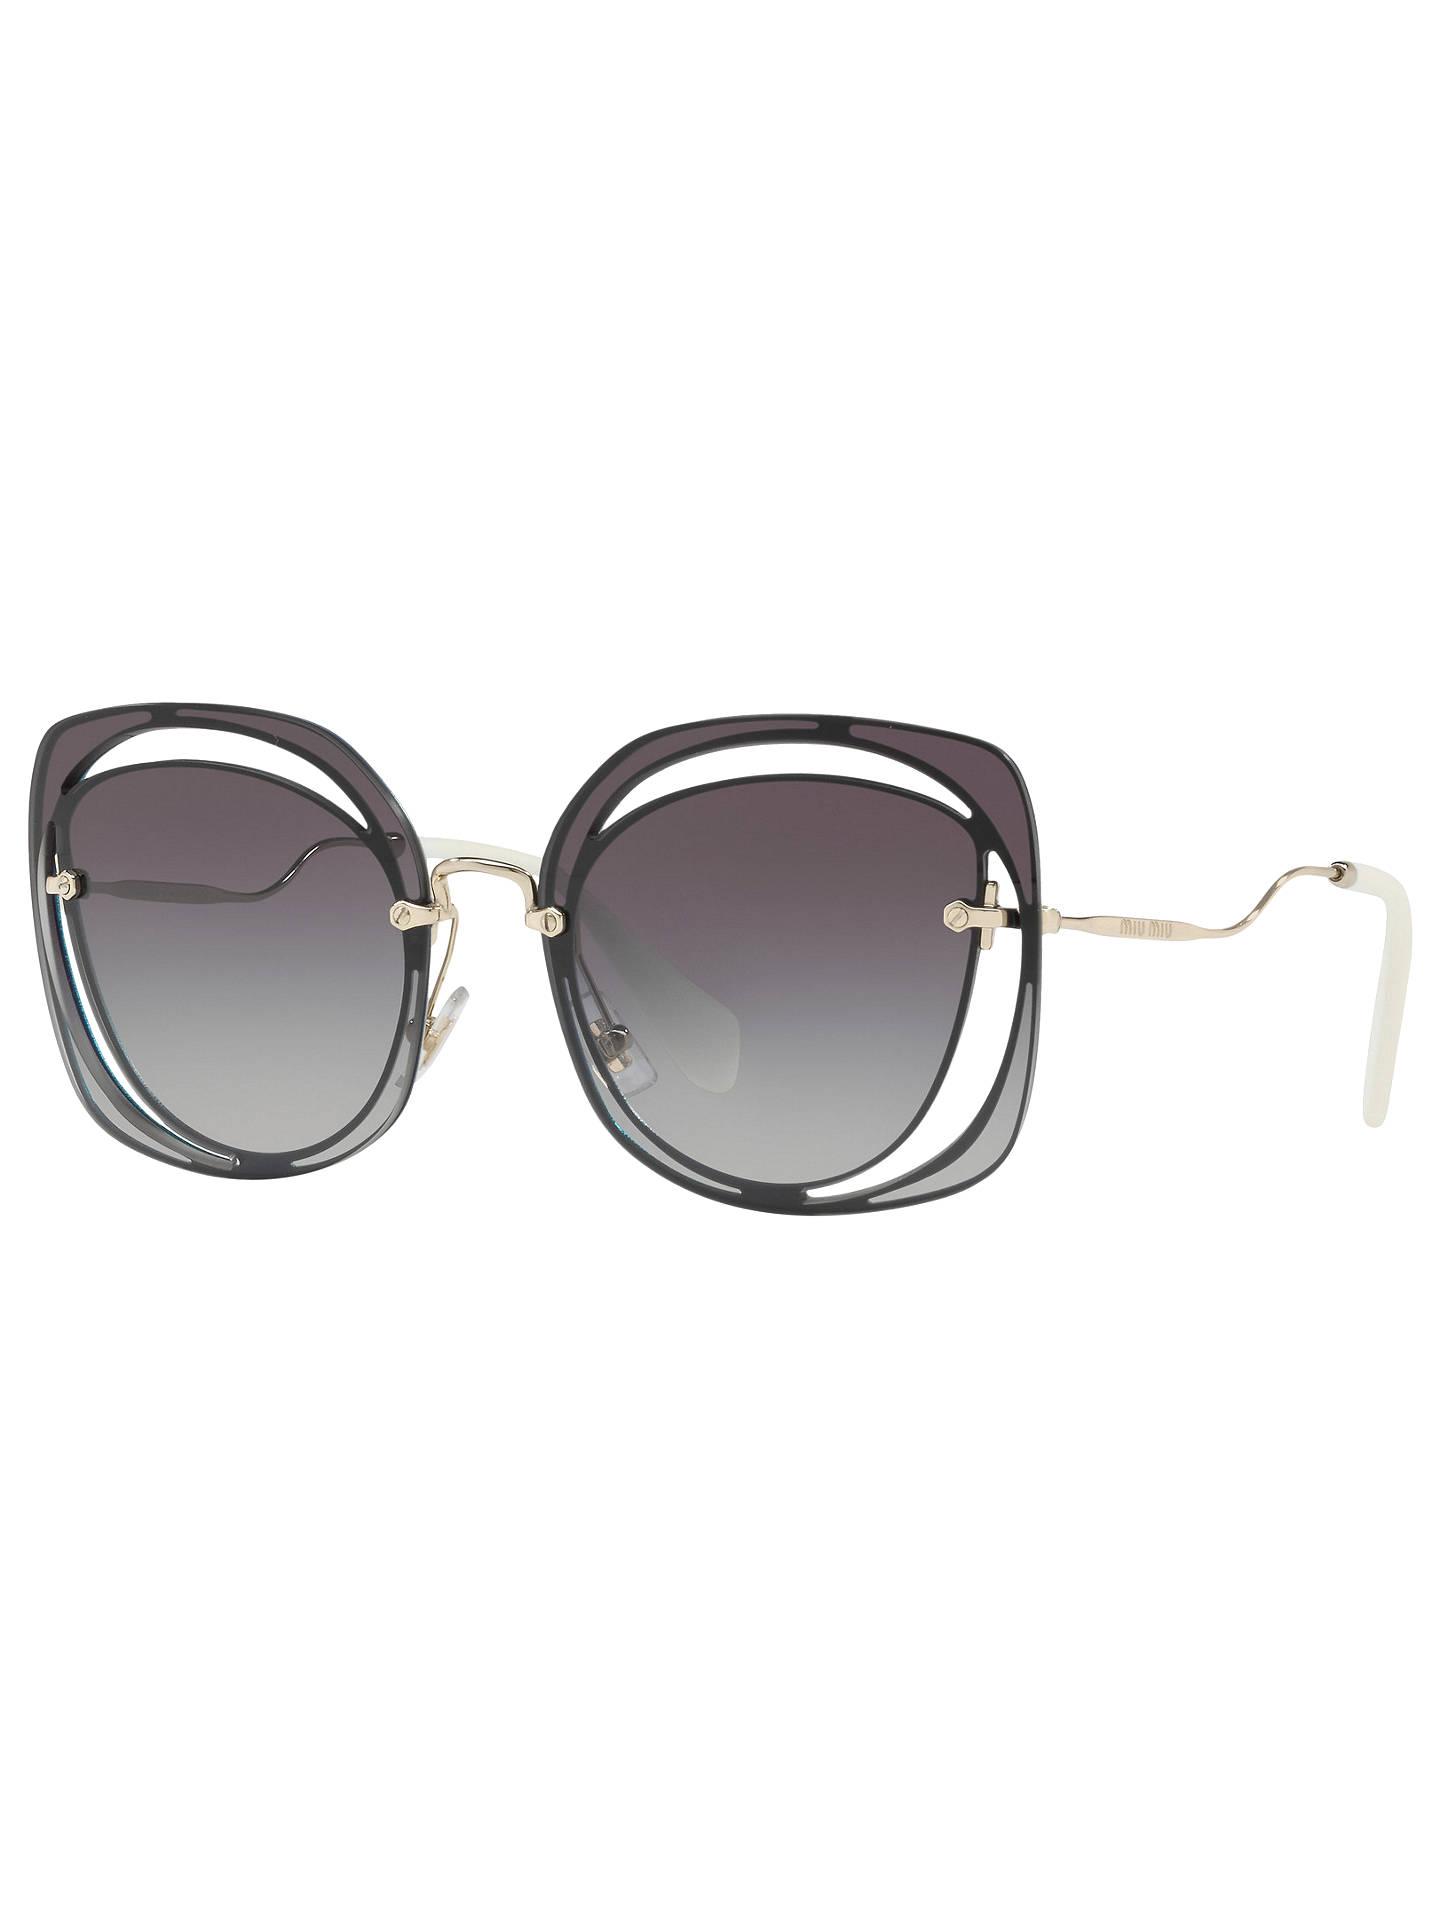 aeb0ca31a95 Buy Miu Miu MU 54SS Square Sunglasses